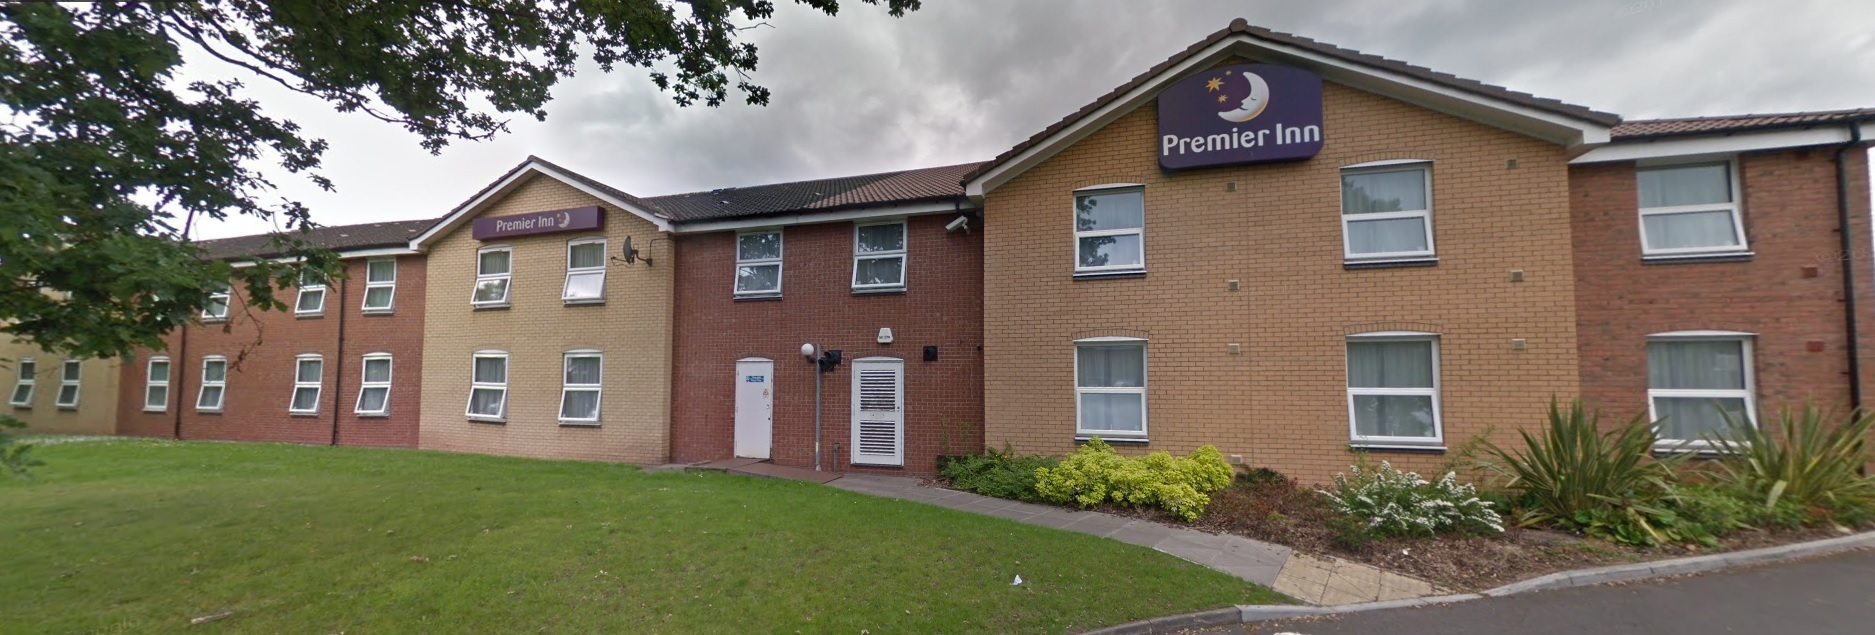 Premier Inn plan for 65bedroom city centre hotel Ledbury Reporter